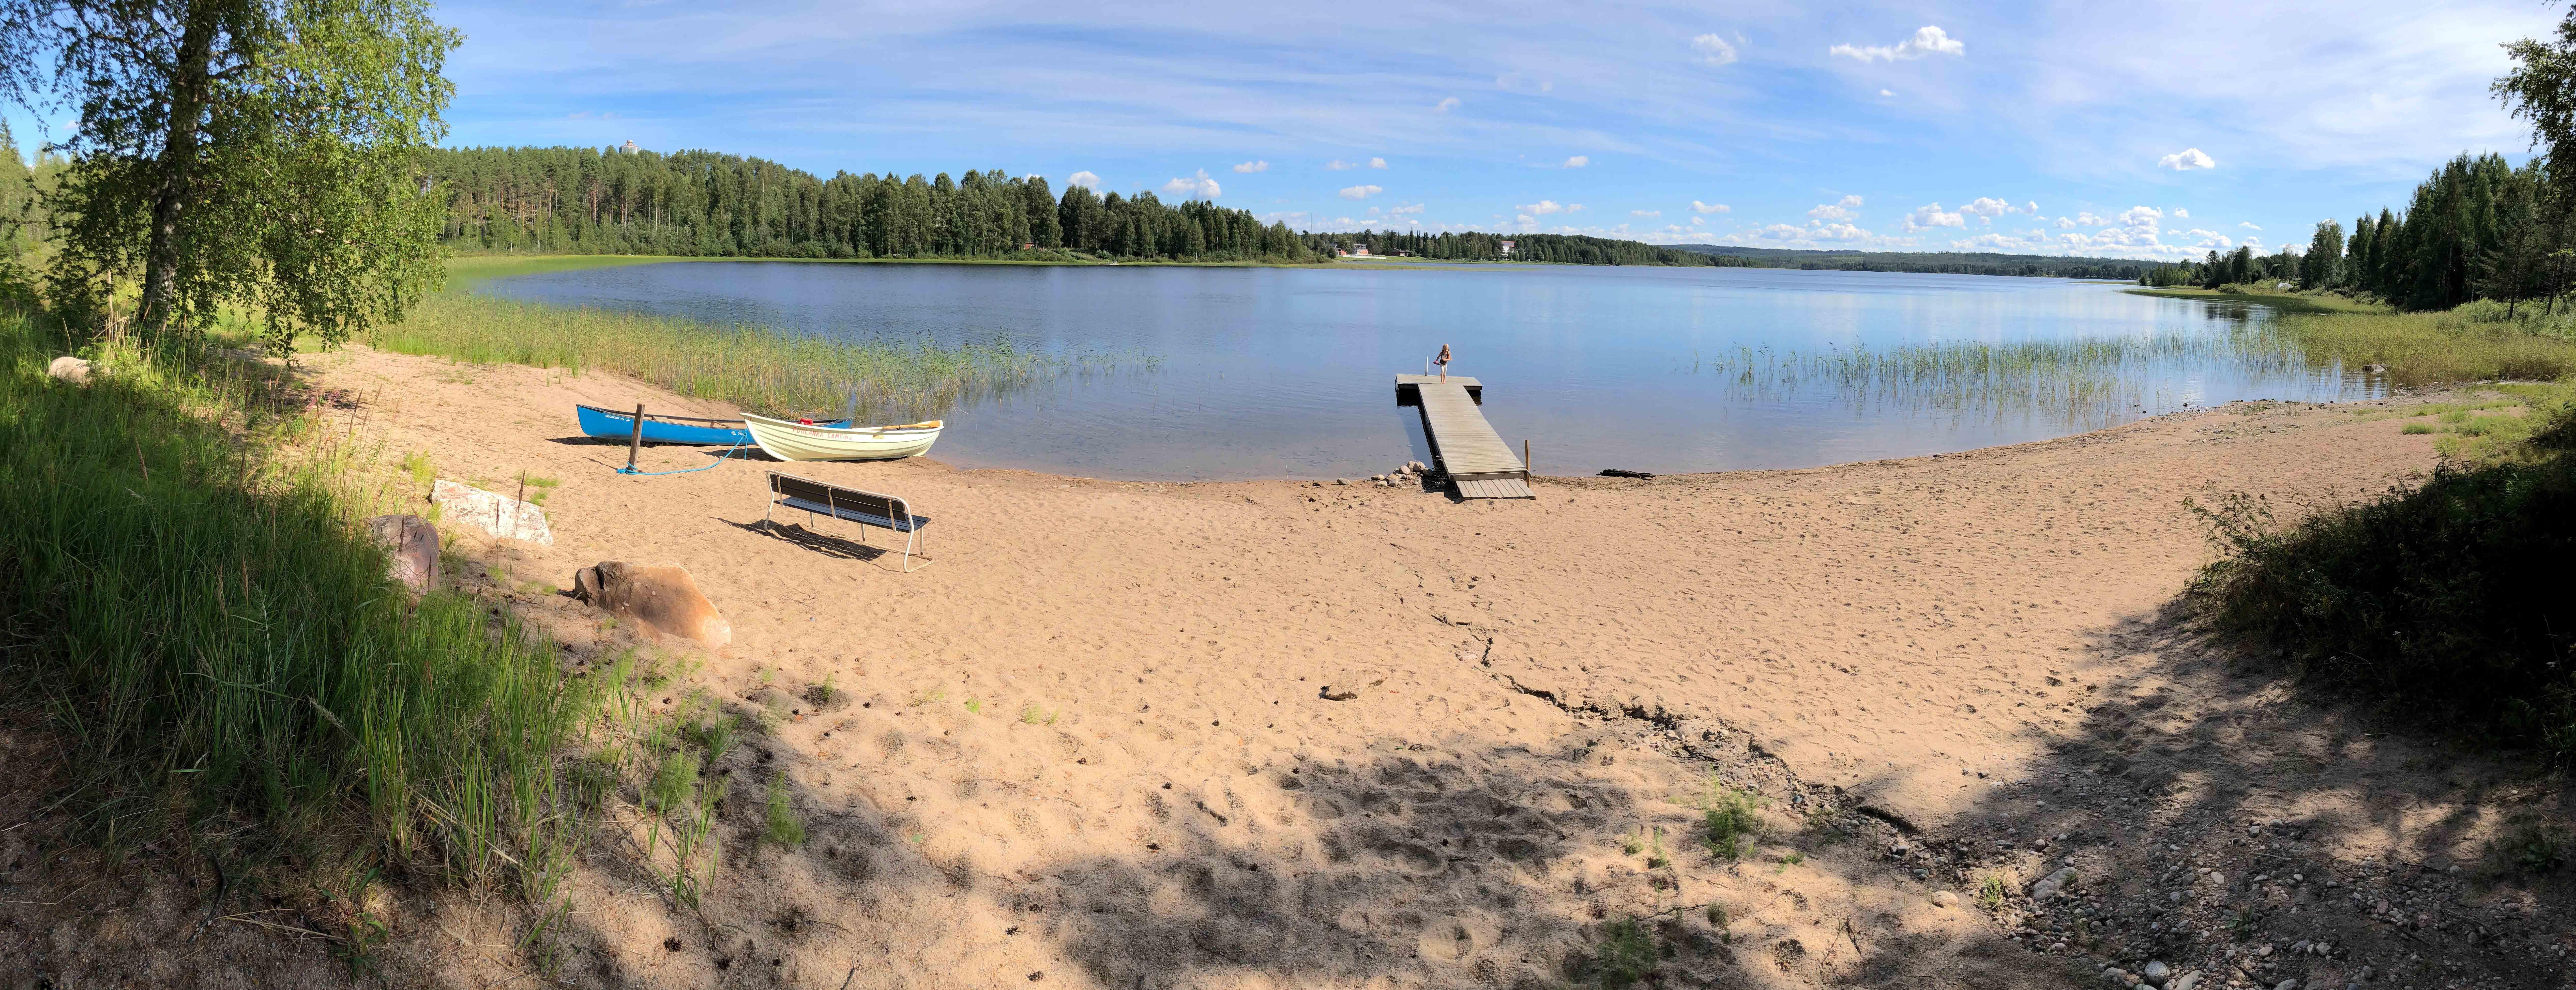 Puolanka Camping04